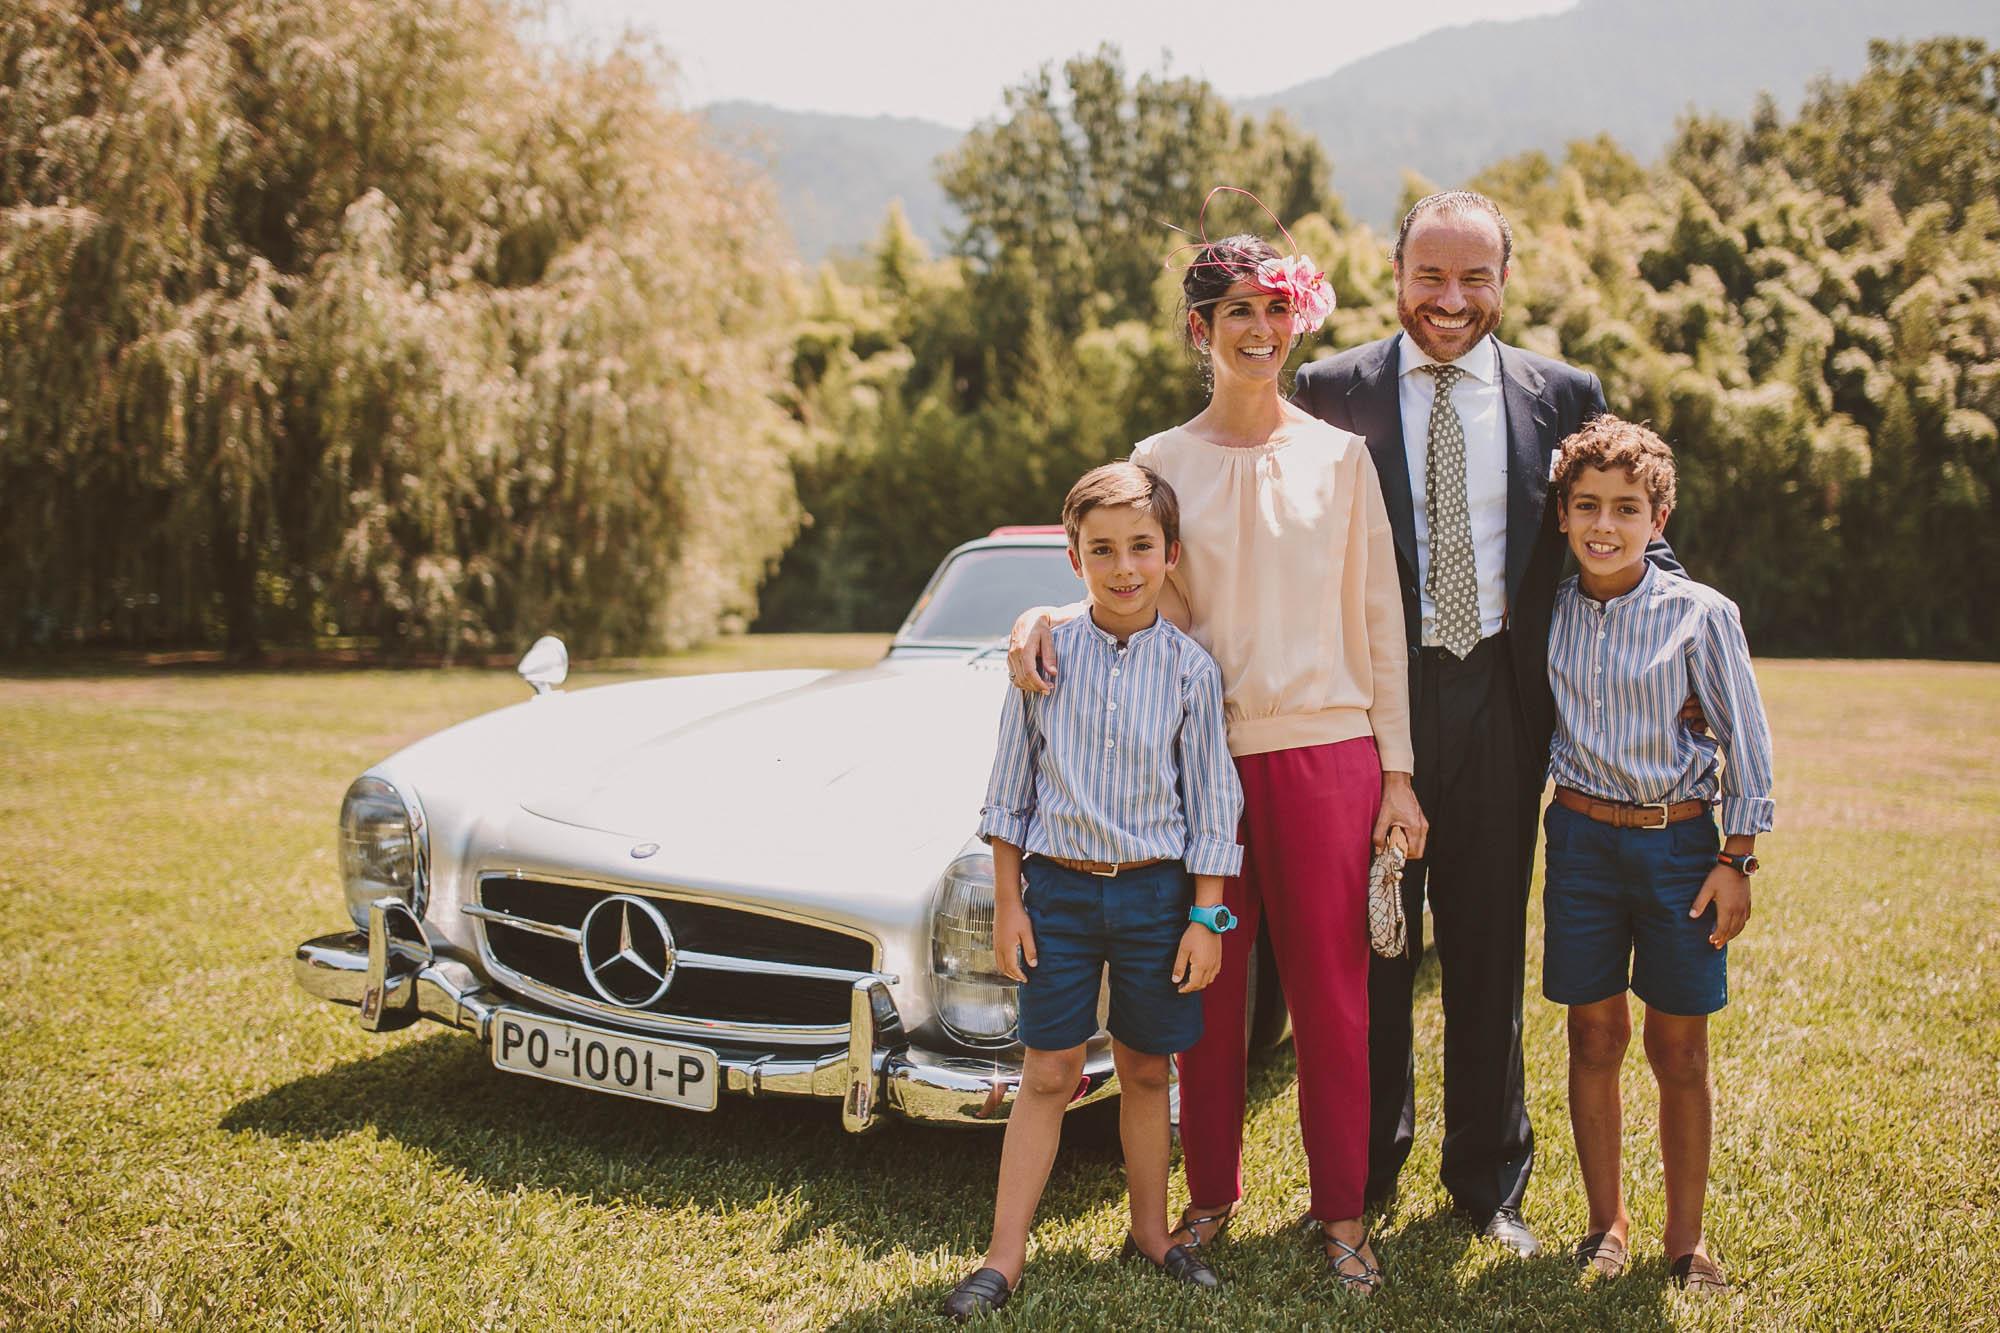 La familia posa sonriente delante dle coche en el jardín